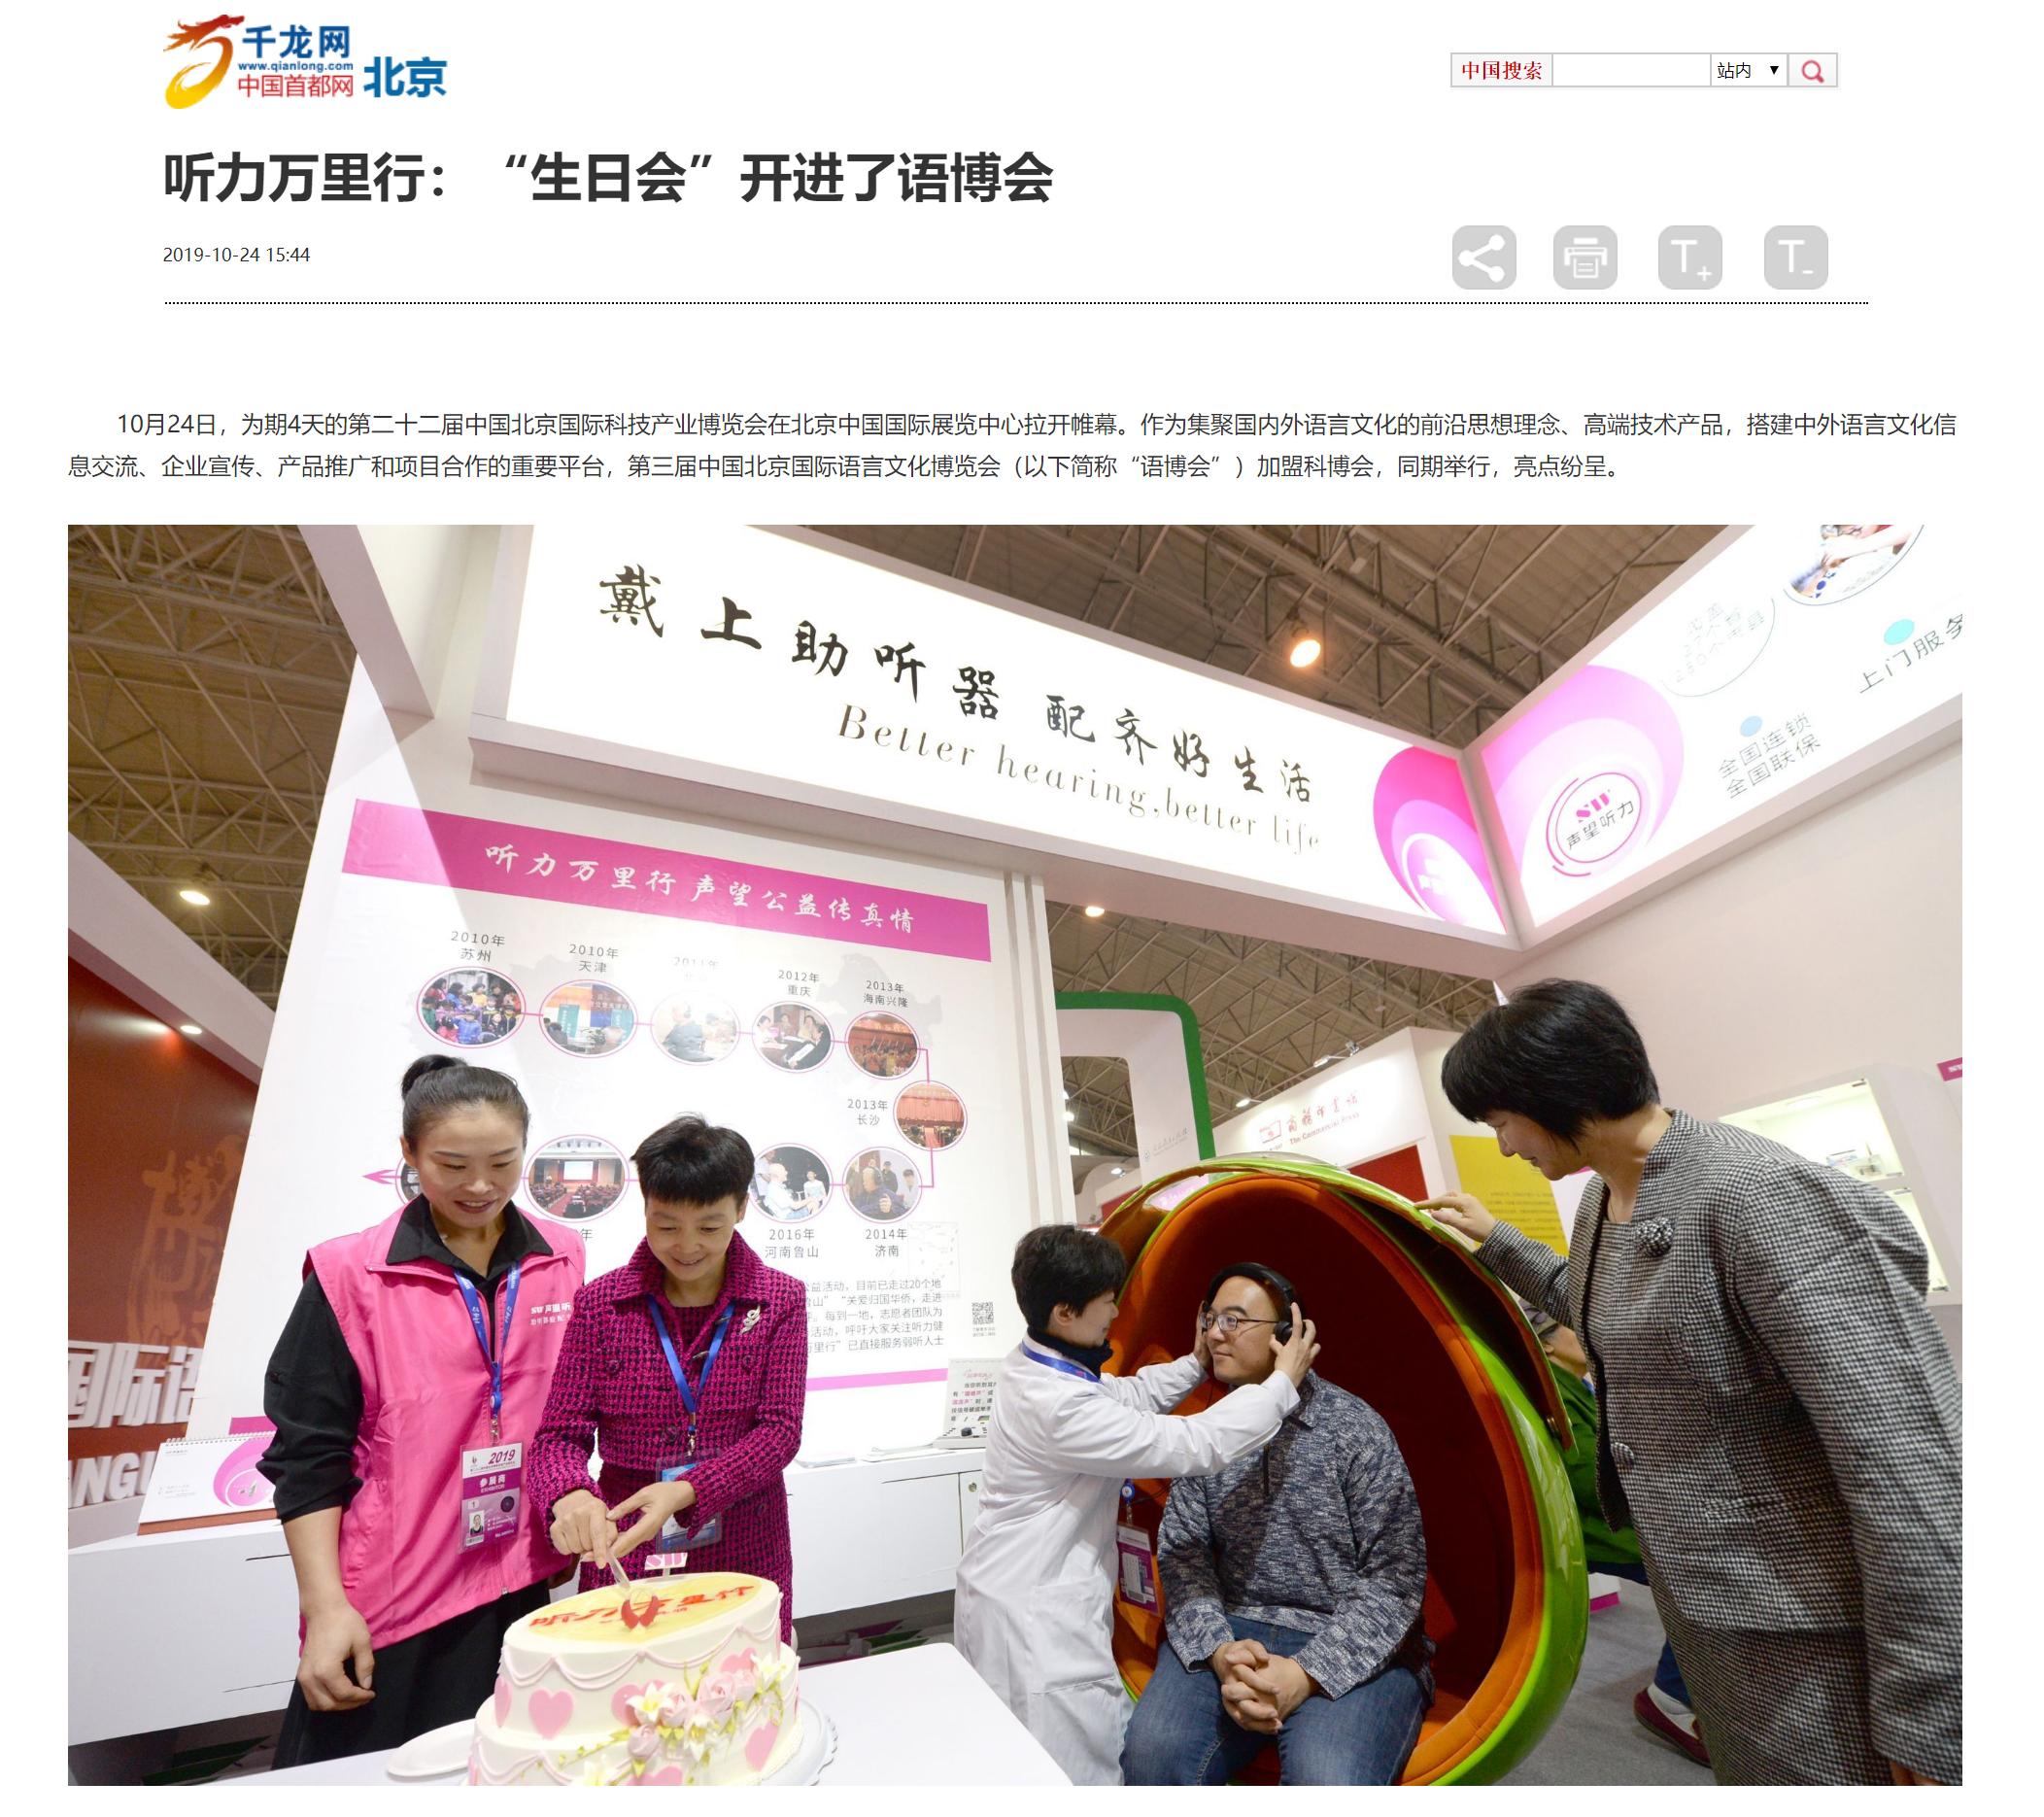 09千龙网・中国首都网1.jpg